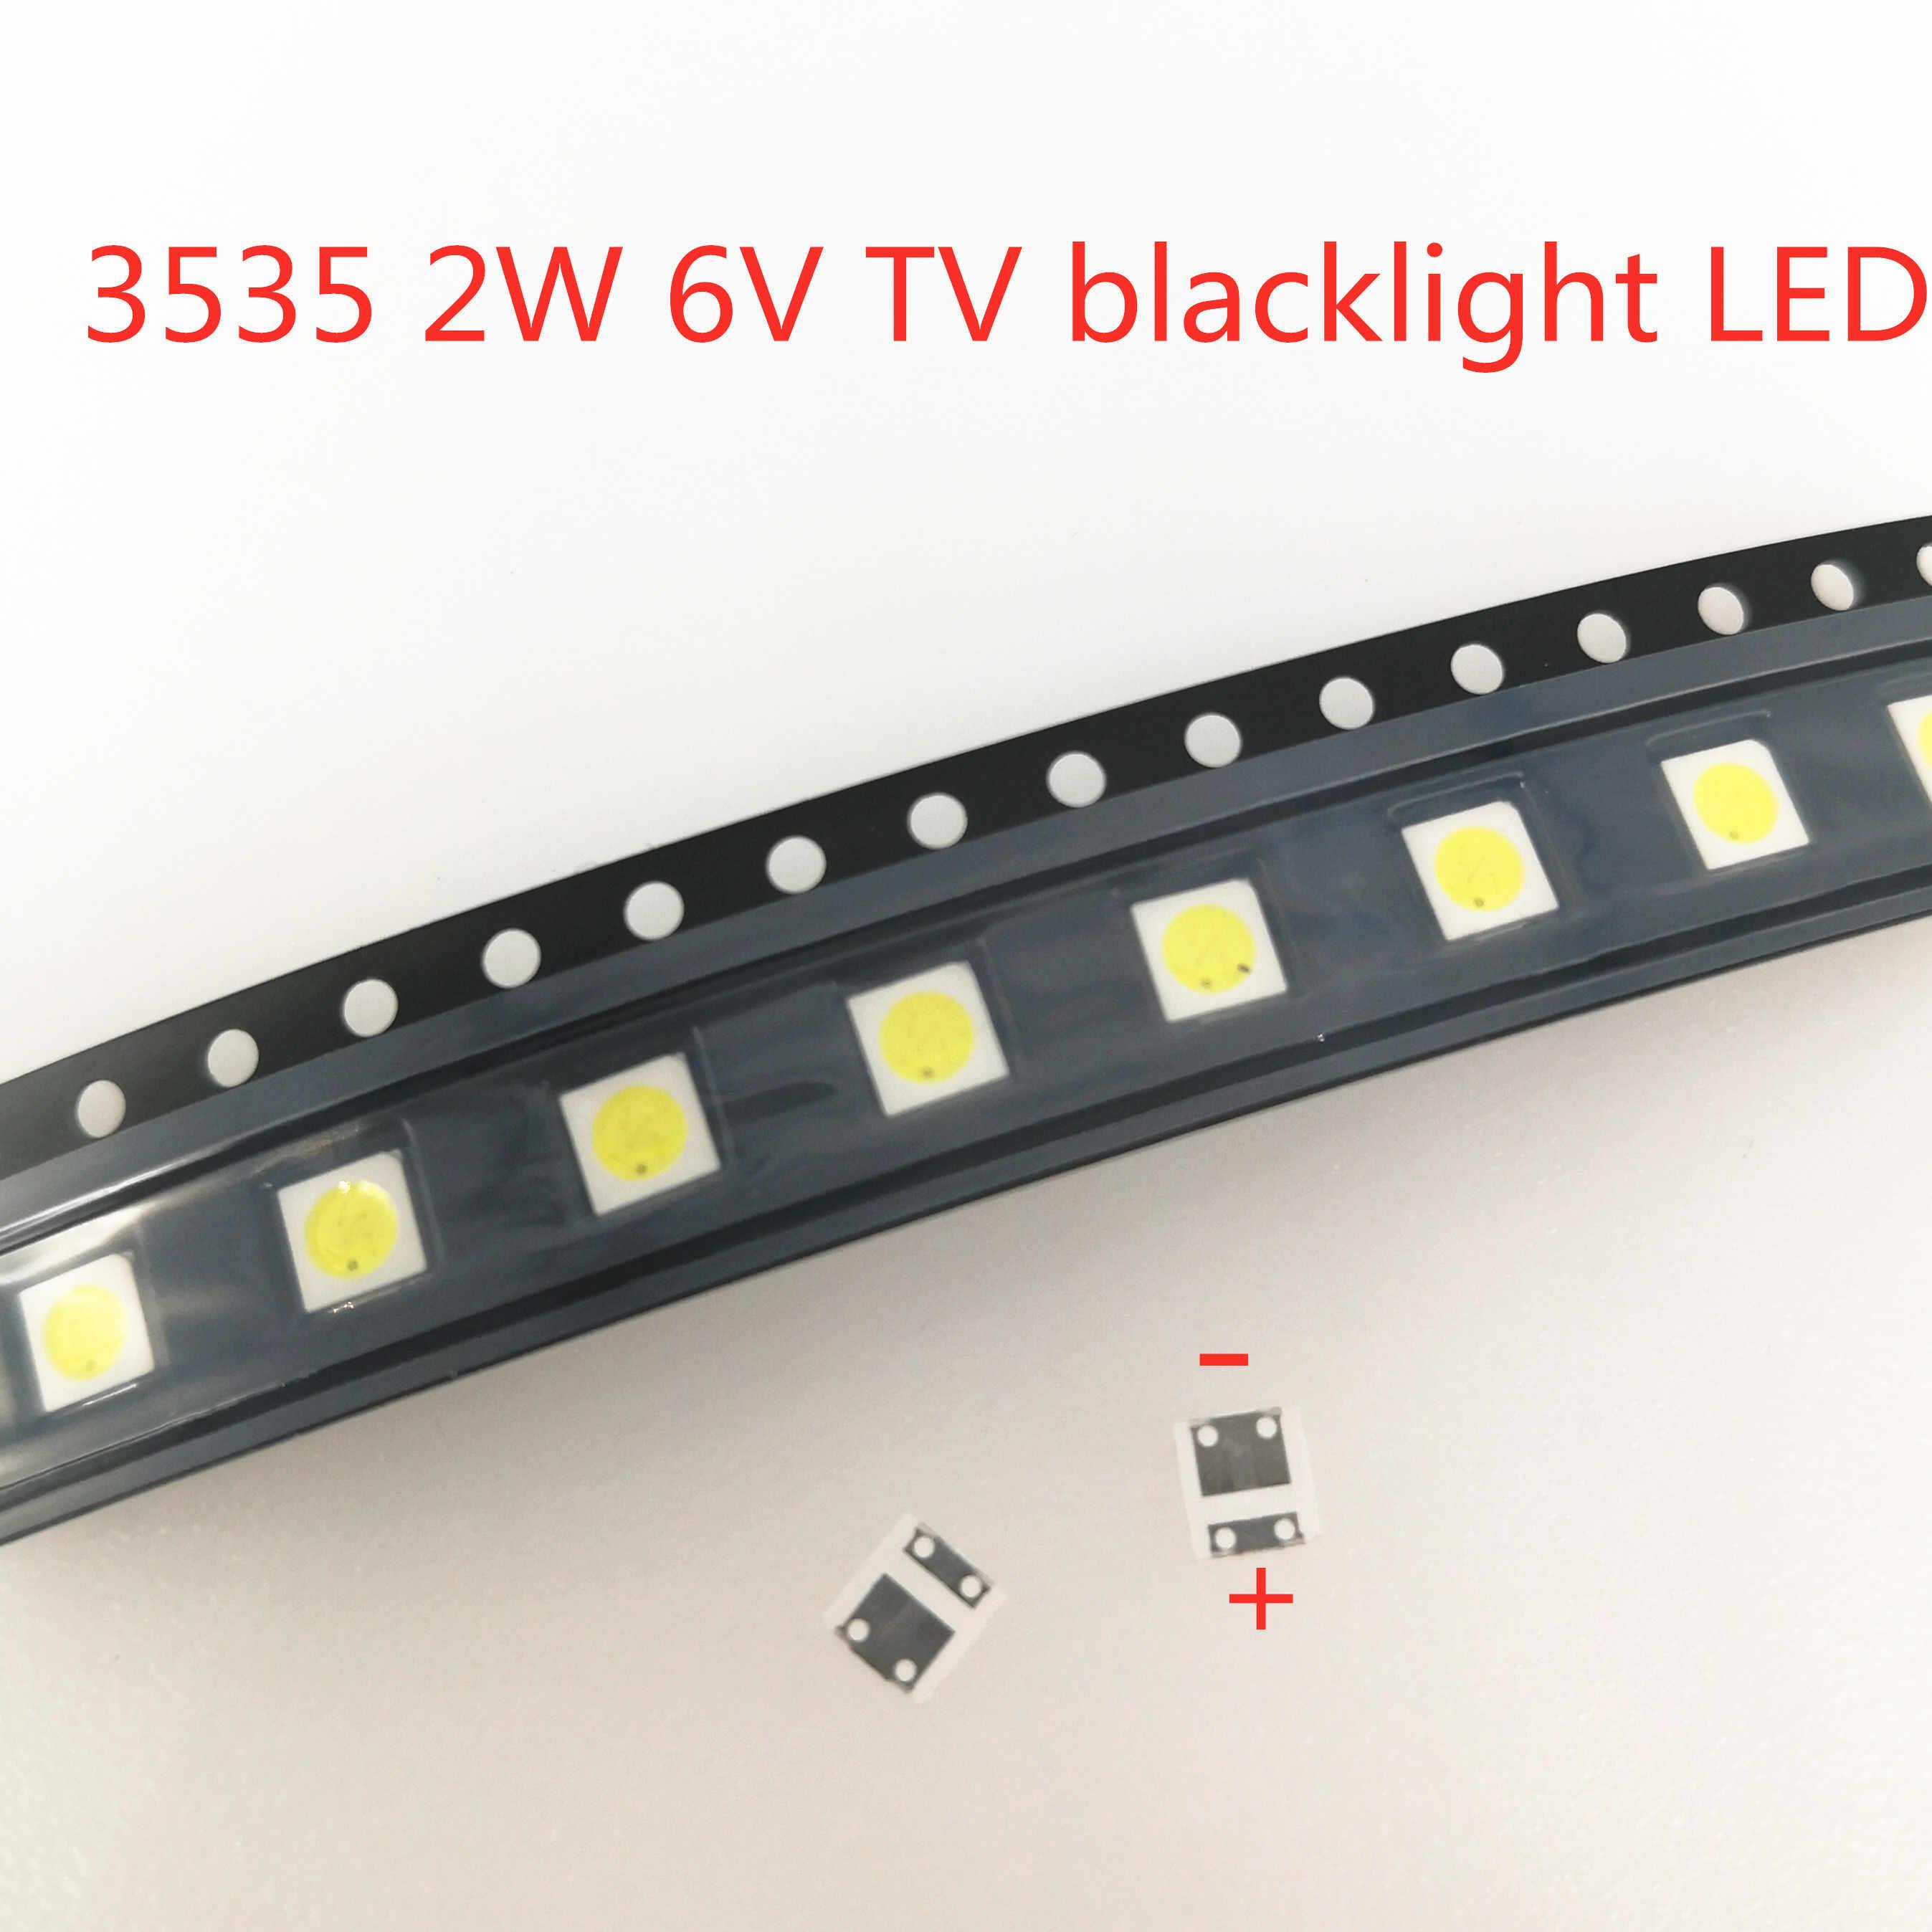 100 piezas para LG Innotek LED nuevo y Original LED 2W 6V 3535 Cool blanco LCD retroiluminación para la aplicación de TV cuentas de luz LED al por mayor